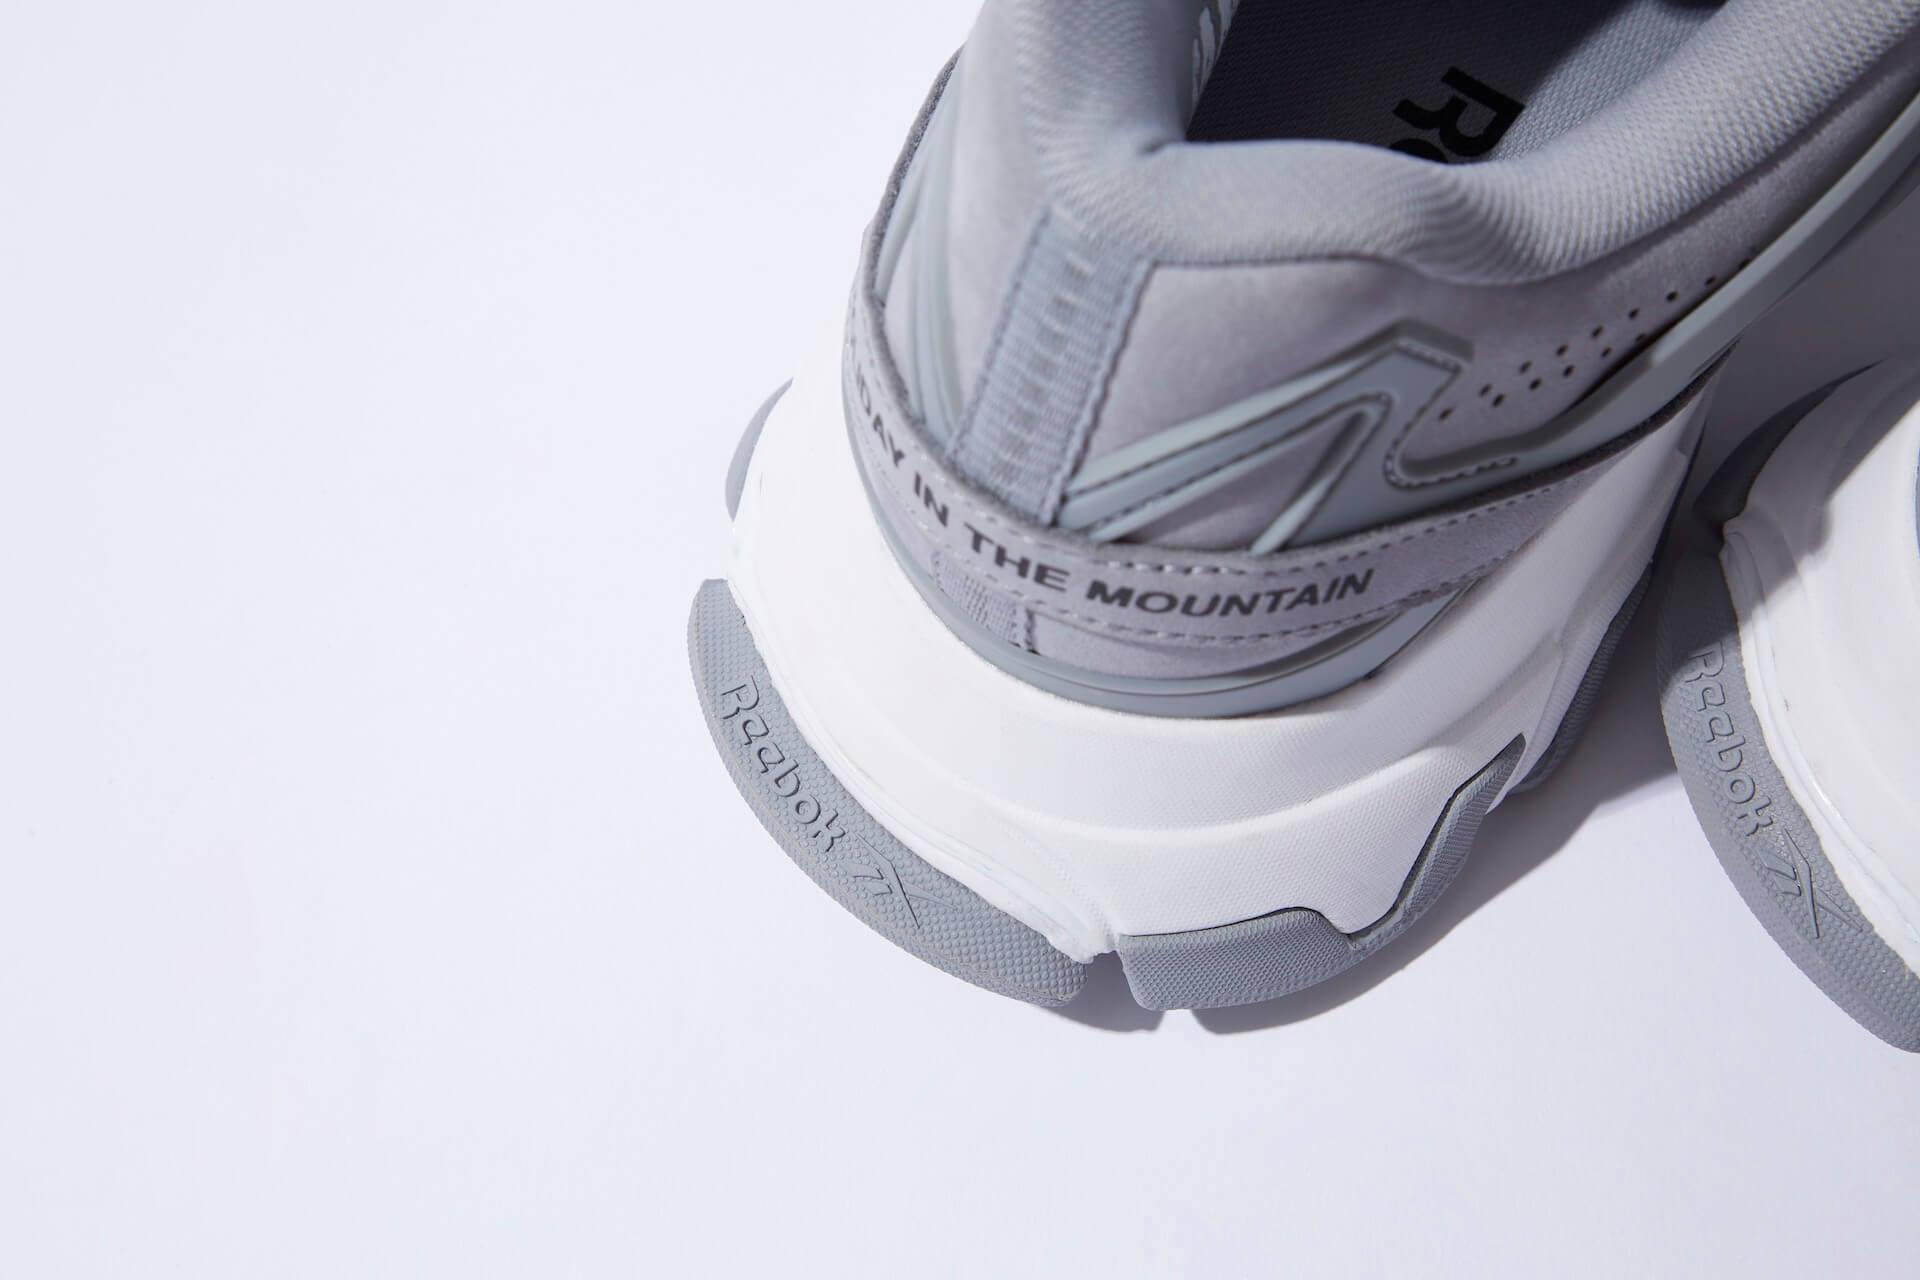 リーボックがMOUNTAIN RESEARCHとのコラボ第4弾となるスニーカー「DMX TRAIL SHADOW」を発売決定! life201001_reebok_mountainresearch_8